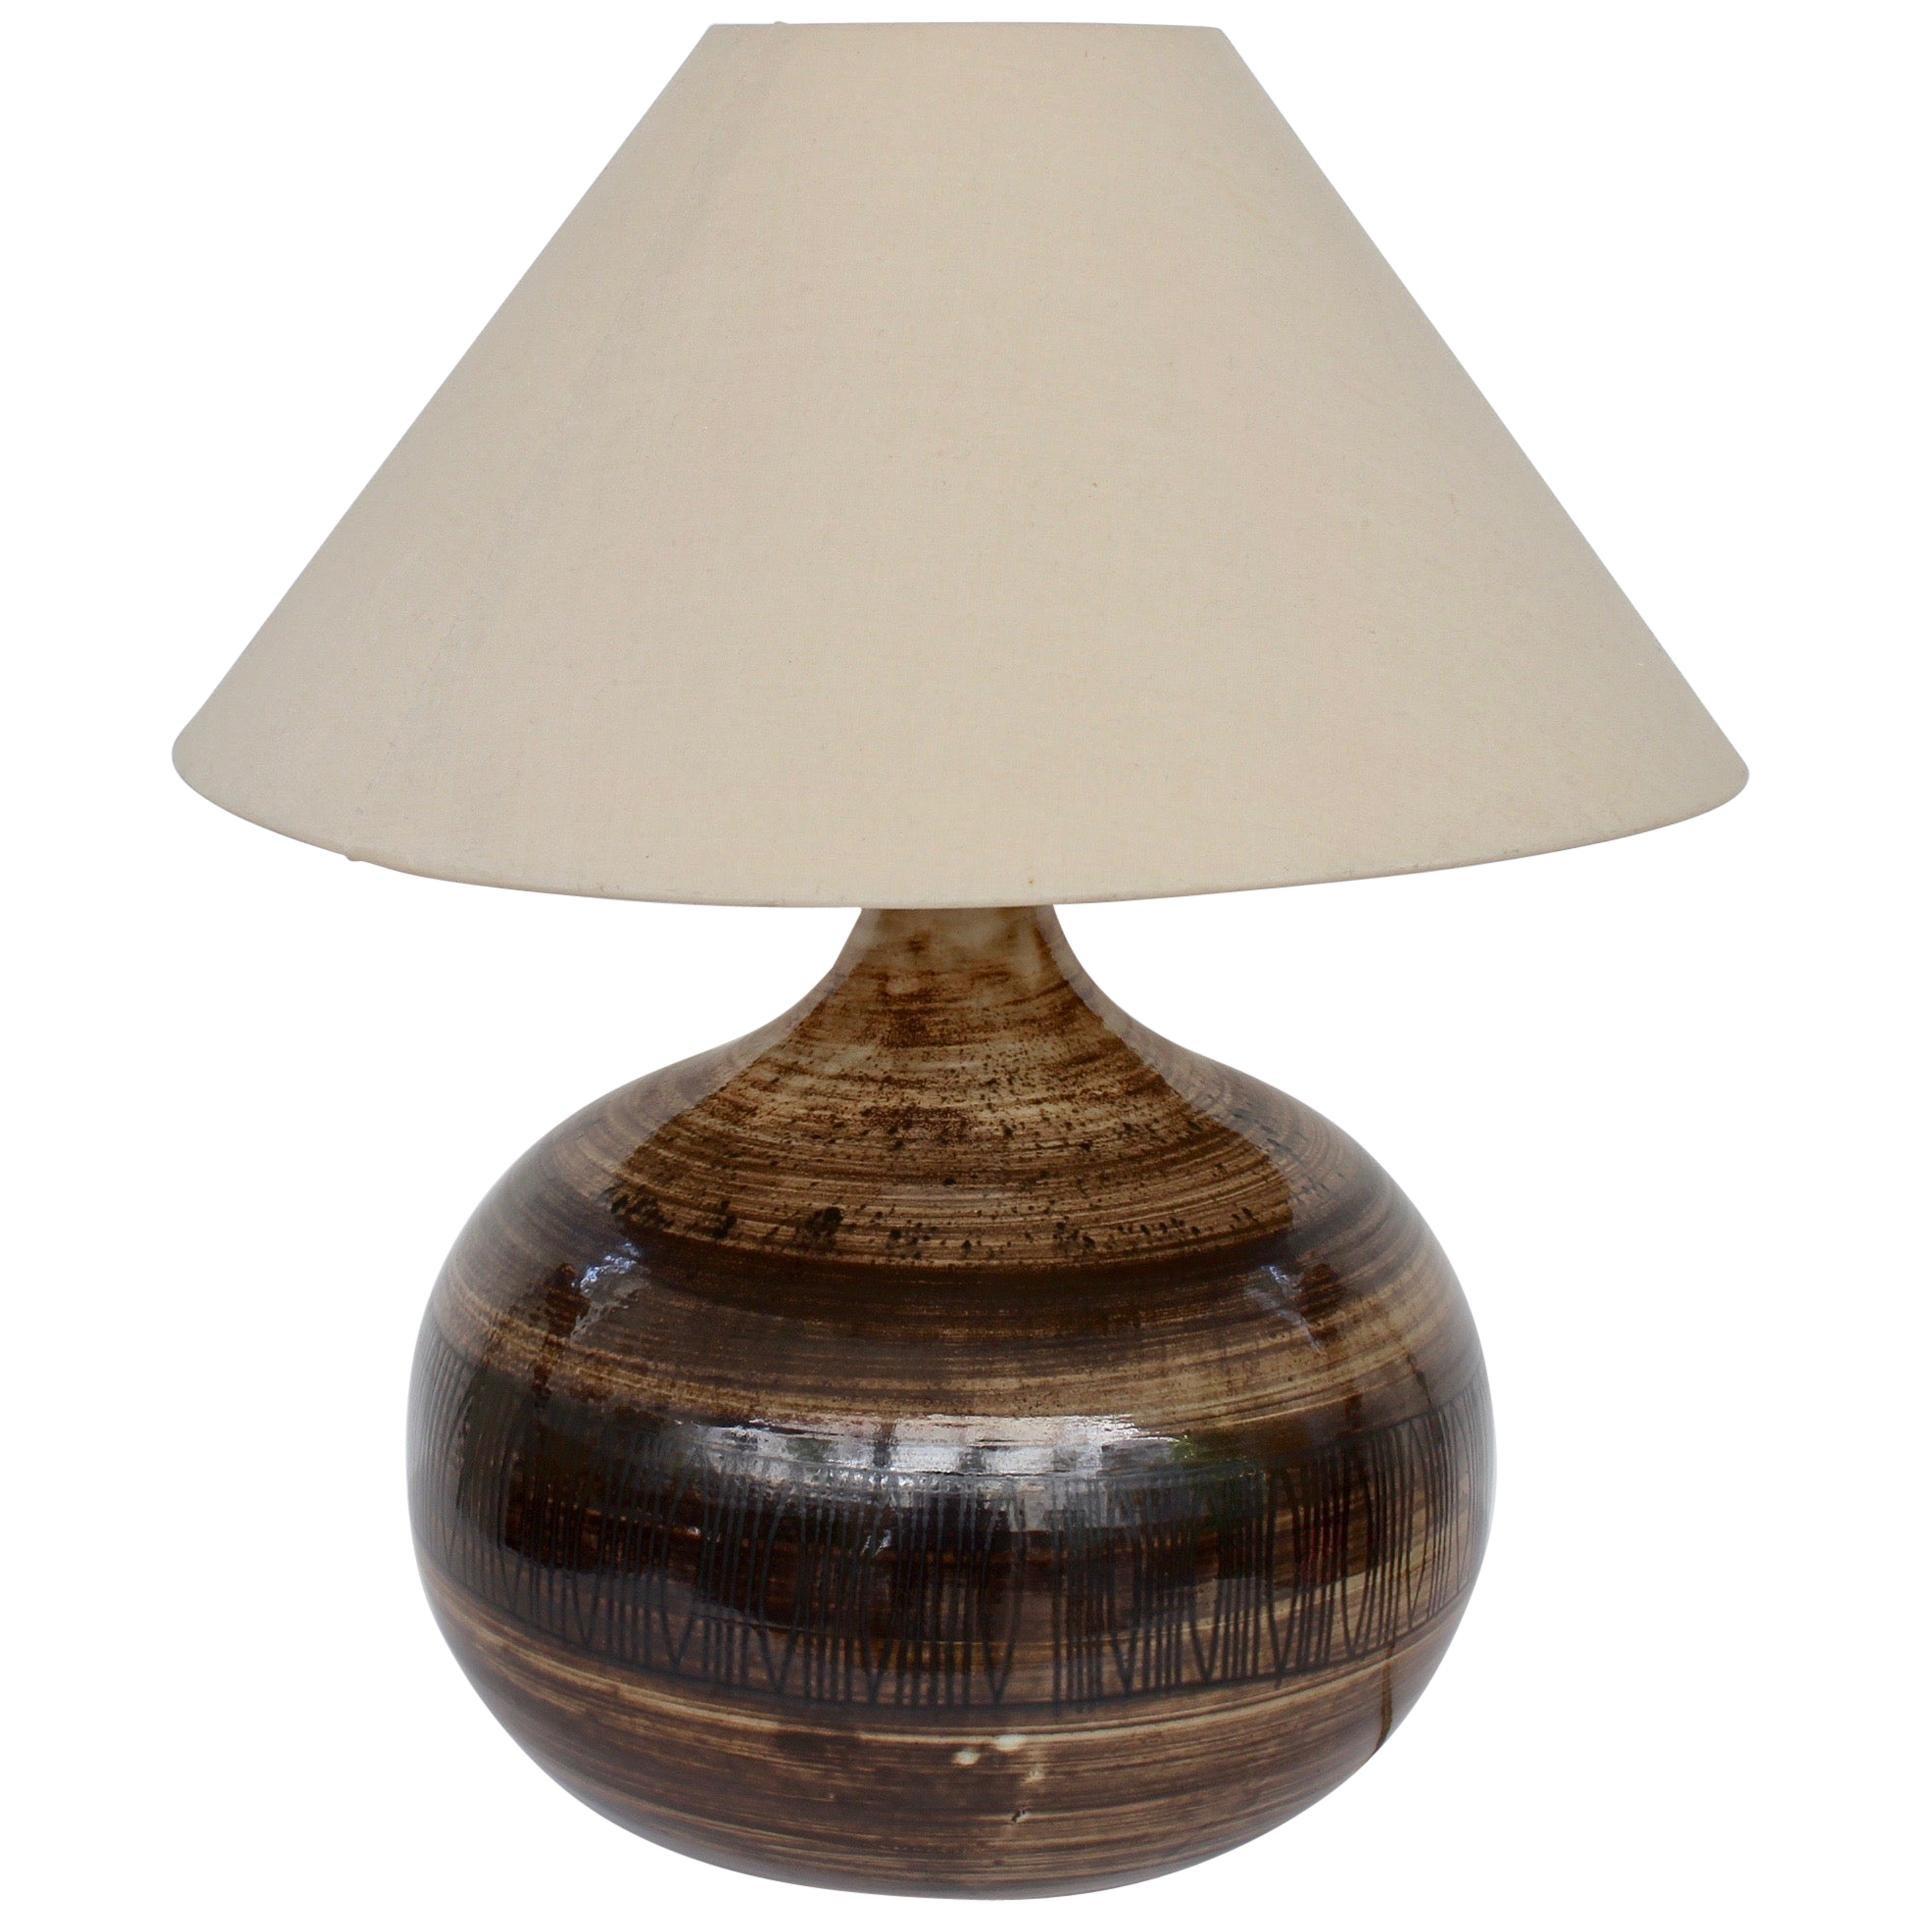 Large Midcentury Ceramic Lamp by Jacques Pouchain / Atelier Dieulefit